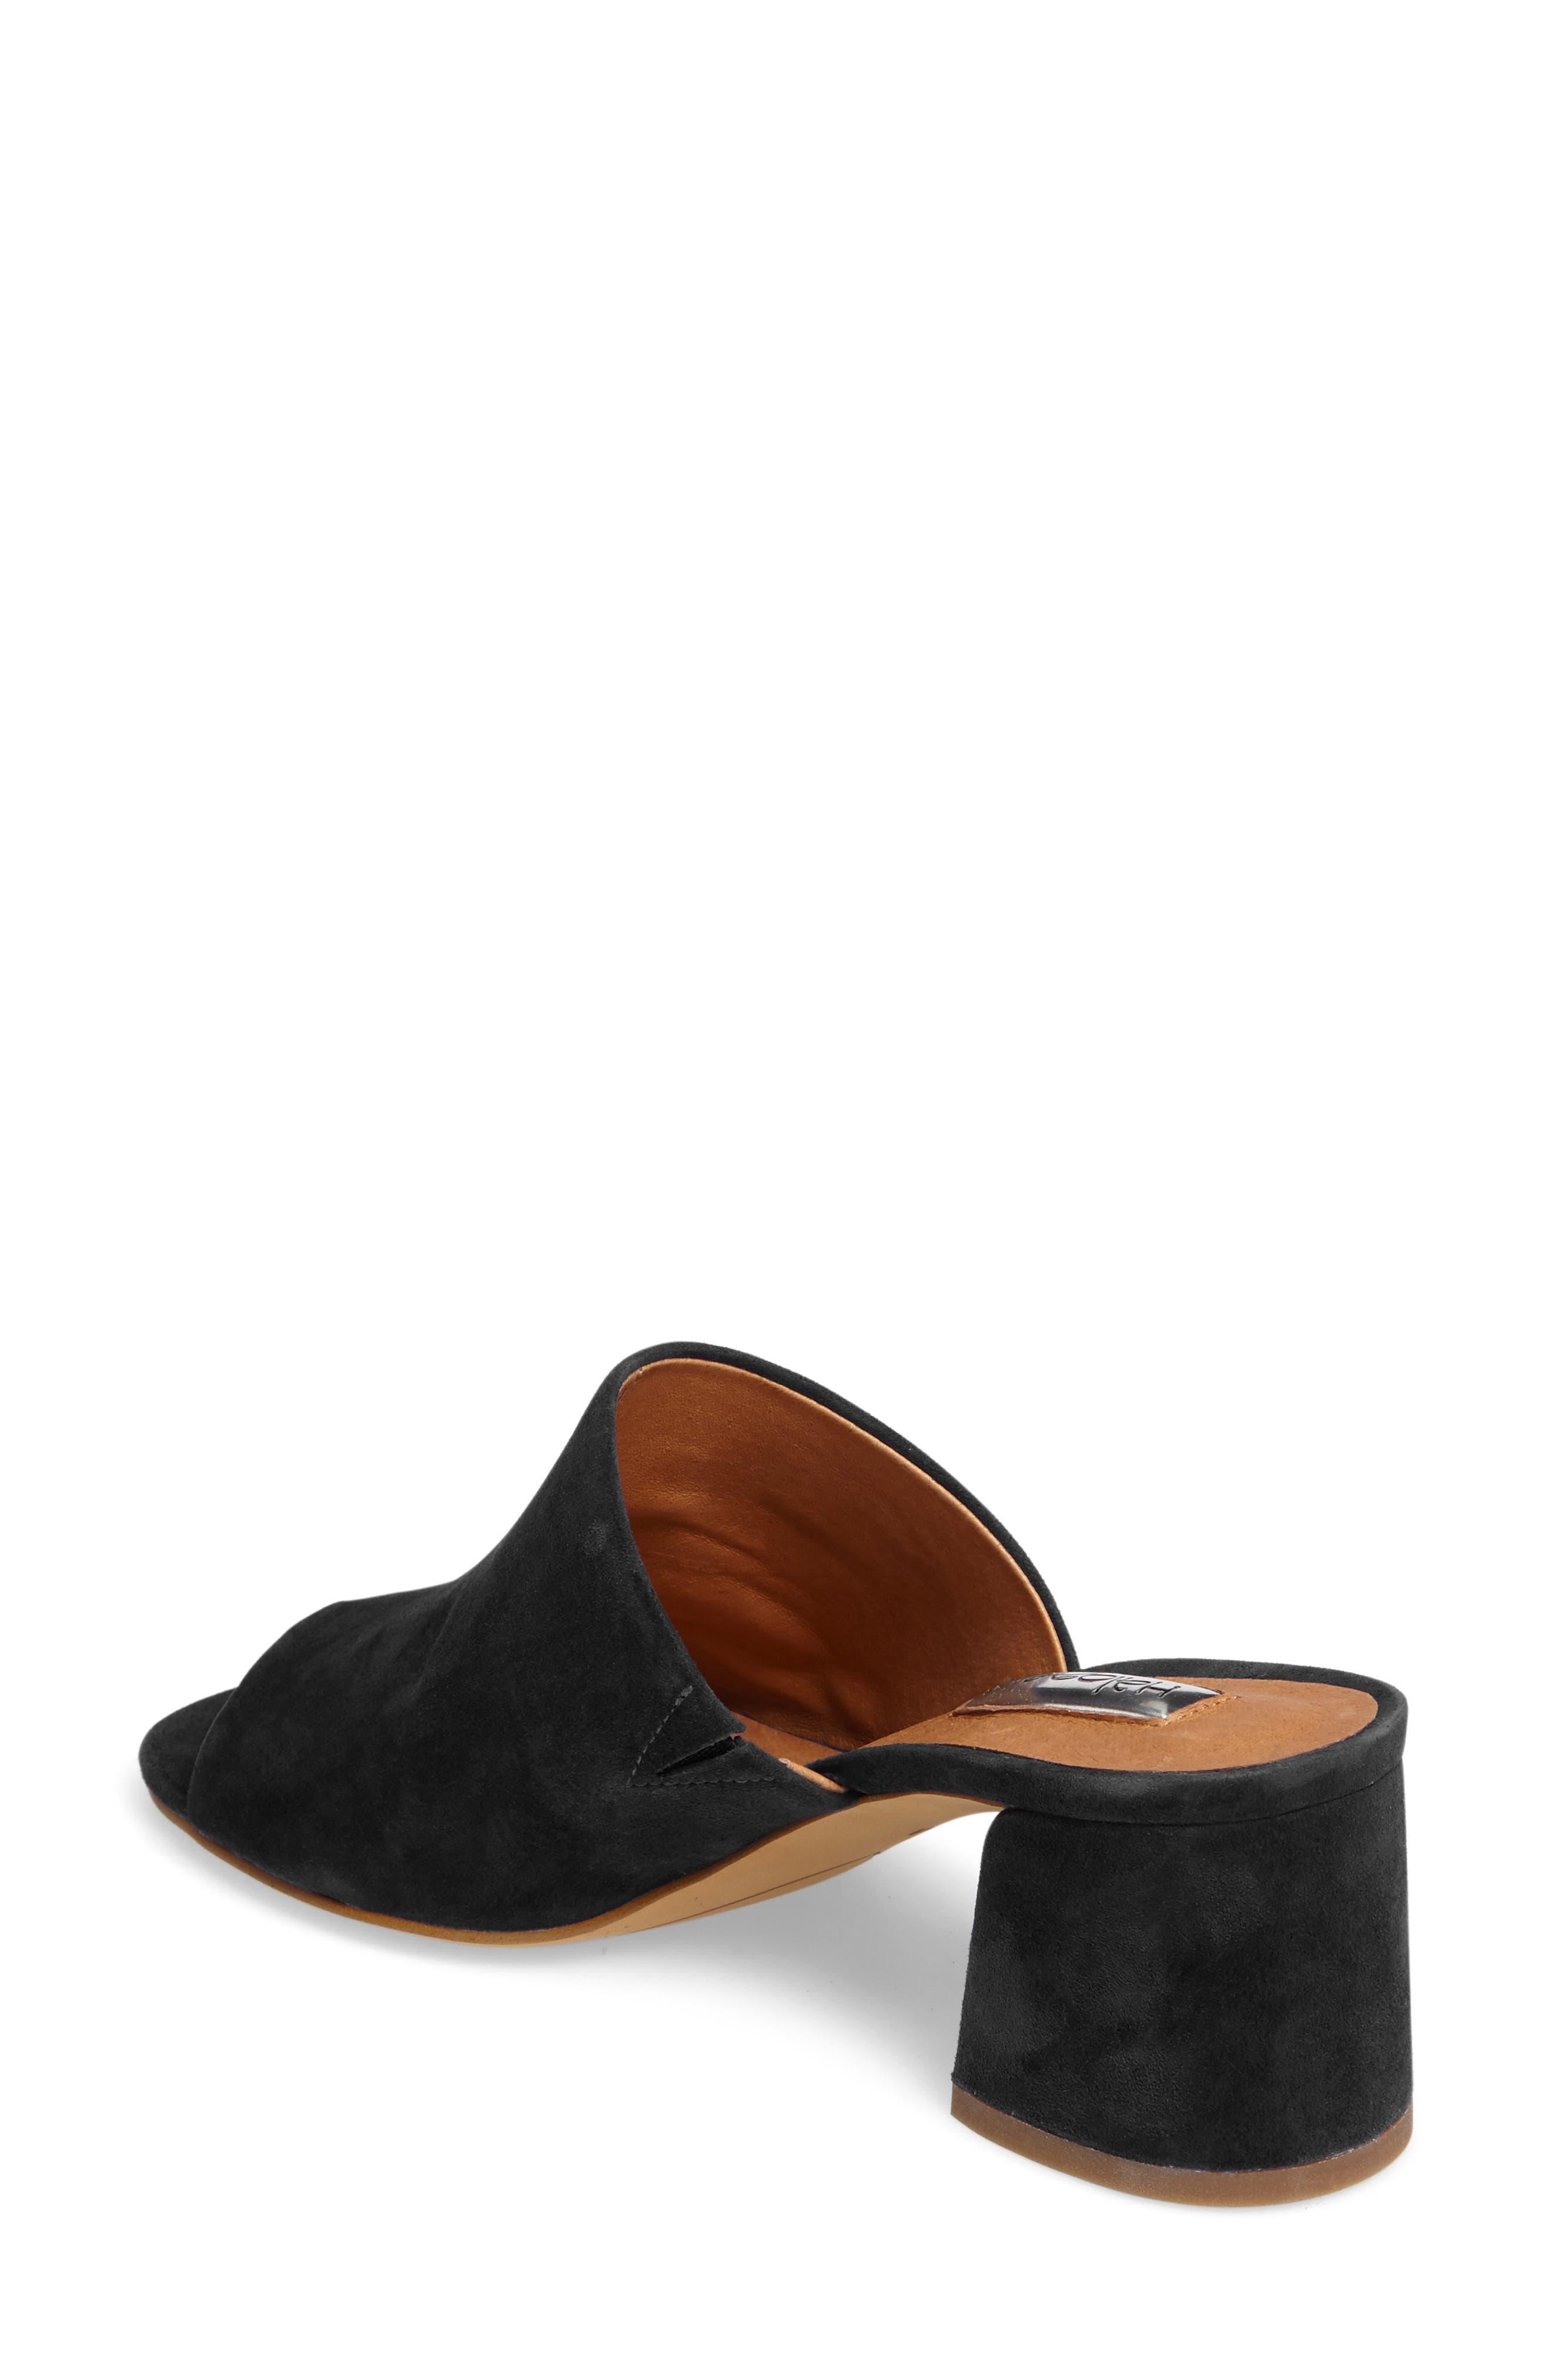 Freda Slide Sandal,                             Alternate thumbnail 2, color,                             BLACK SUEDE